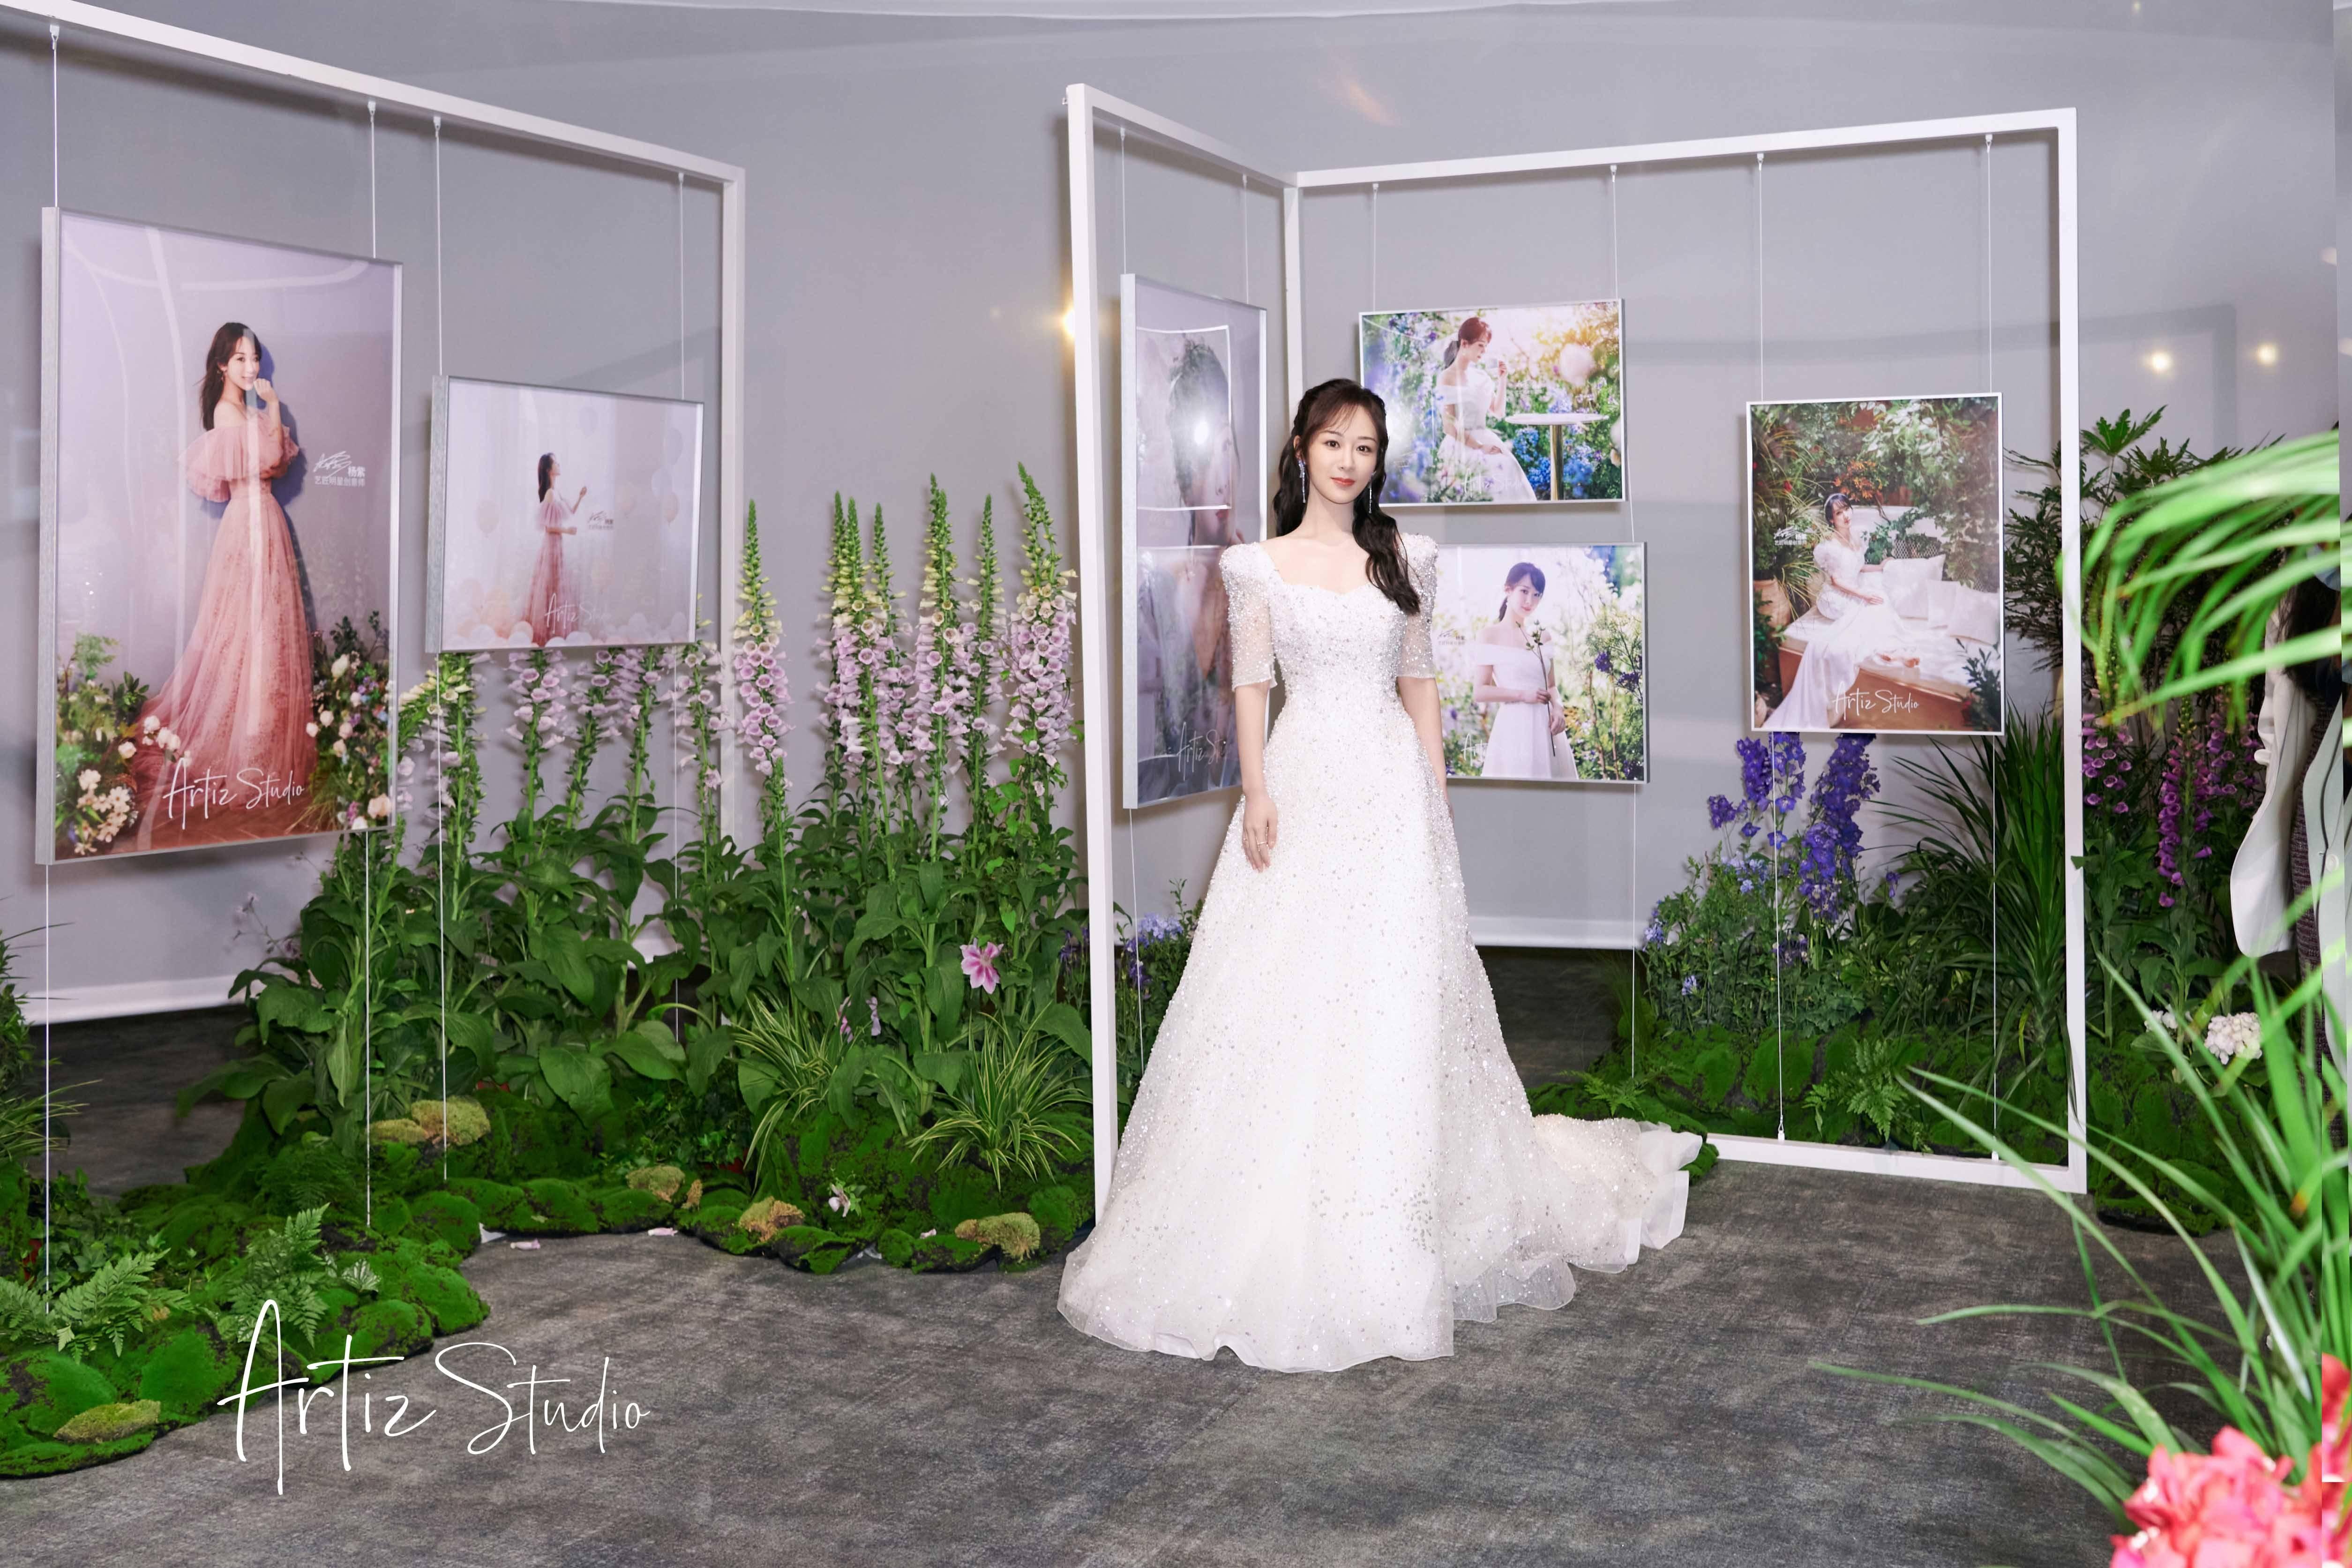 艺术赋能影像 韩国艺匠之杨紫光影艺术展高光C位